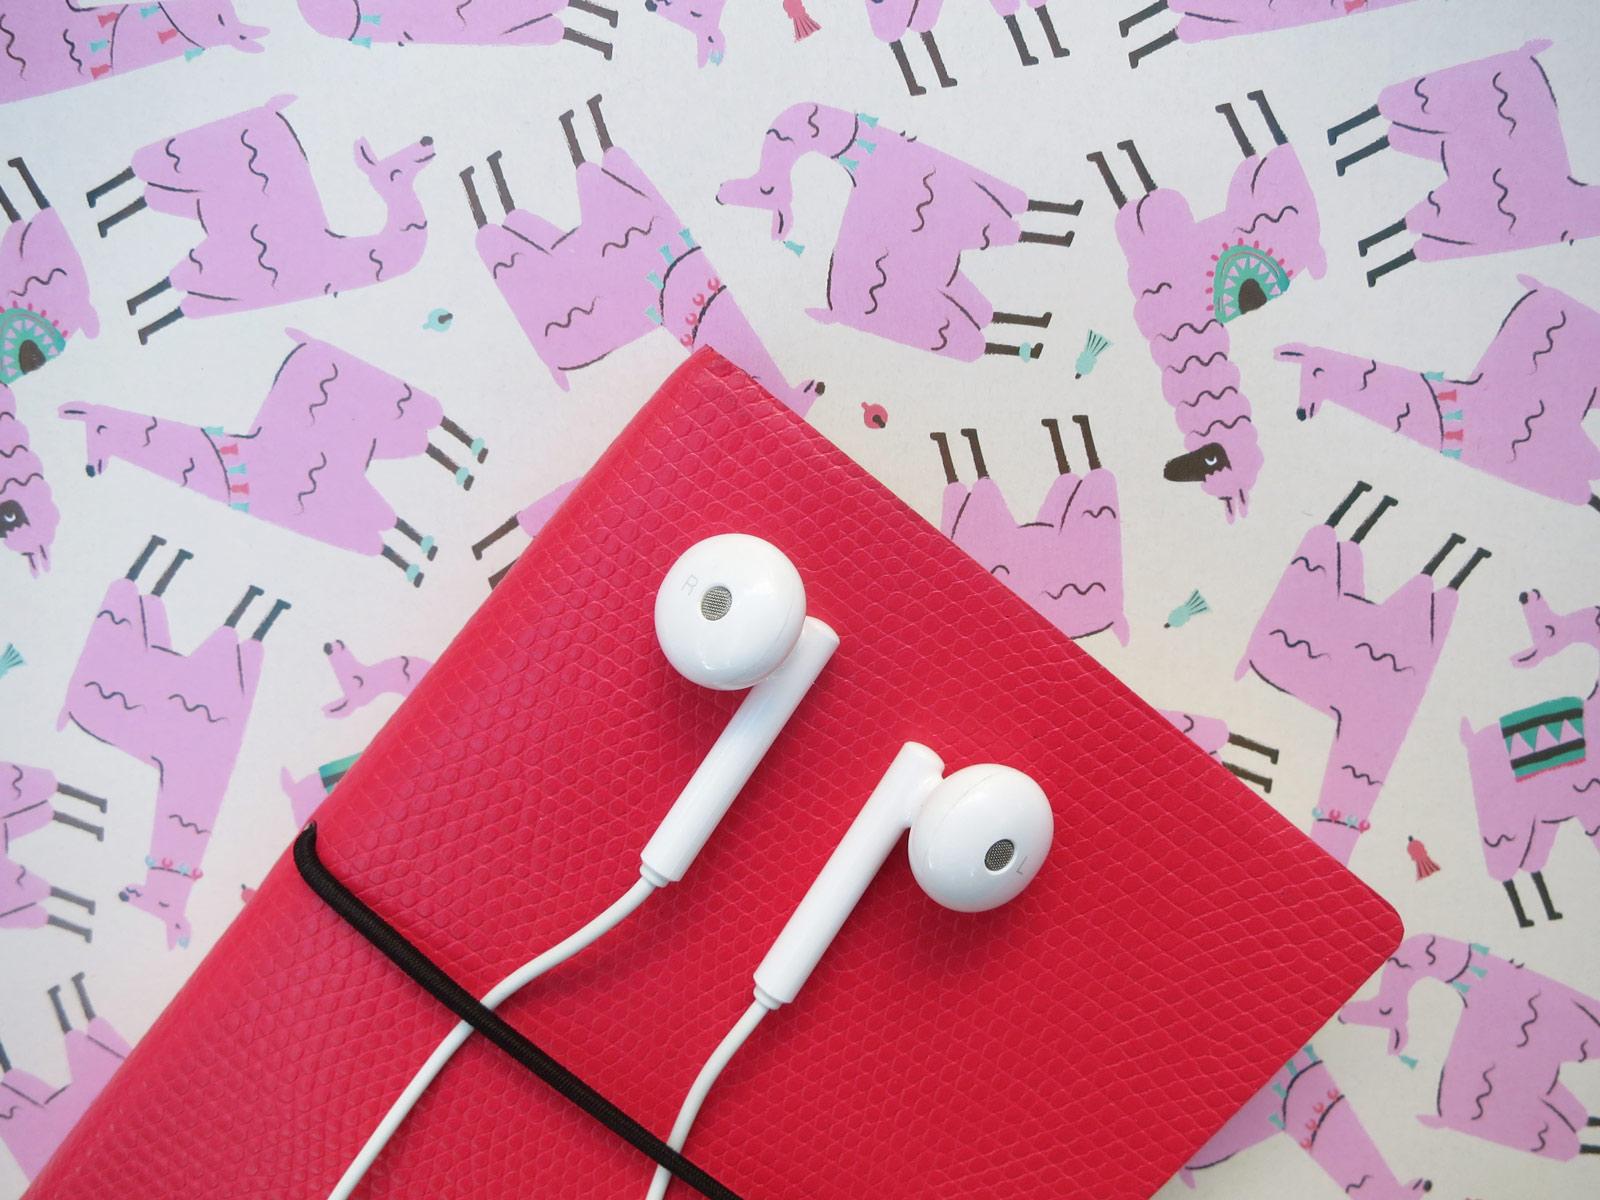 Piękne, współczesne piosenki francuskie. Jak się z nich uczyć francuskiego?